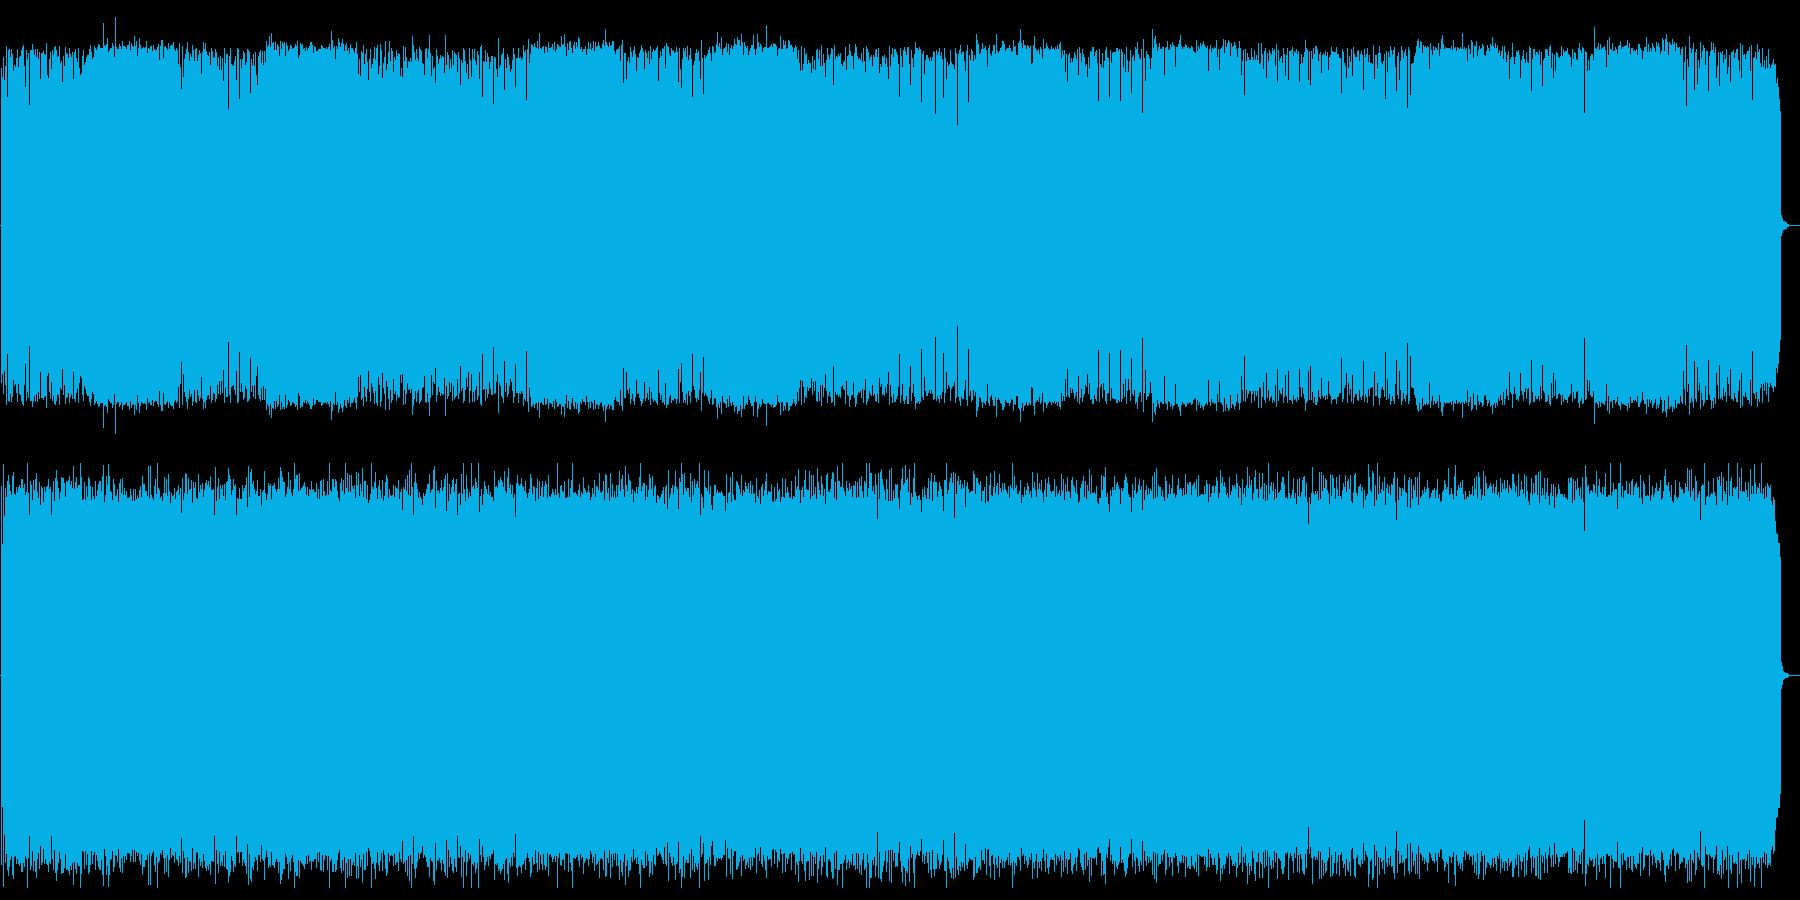 切ない旋律のテクノポップの再生済みの波形